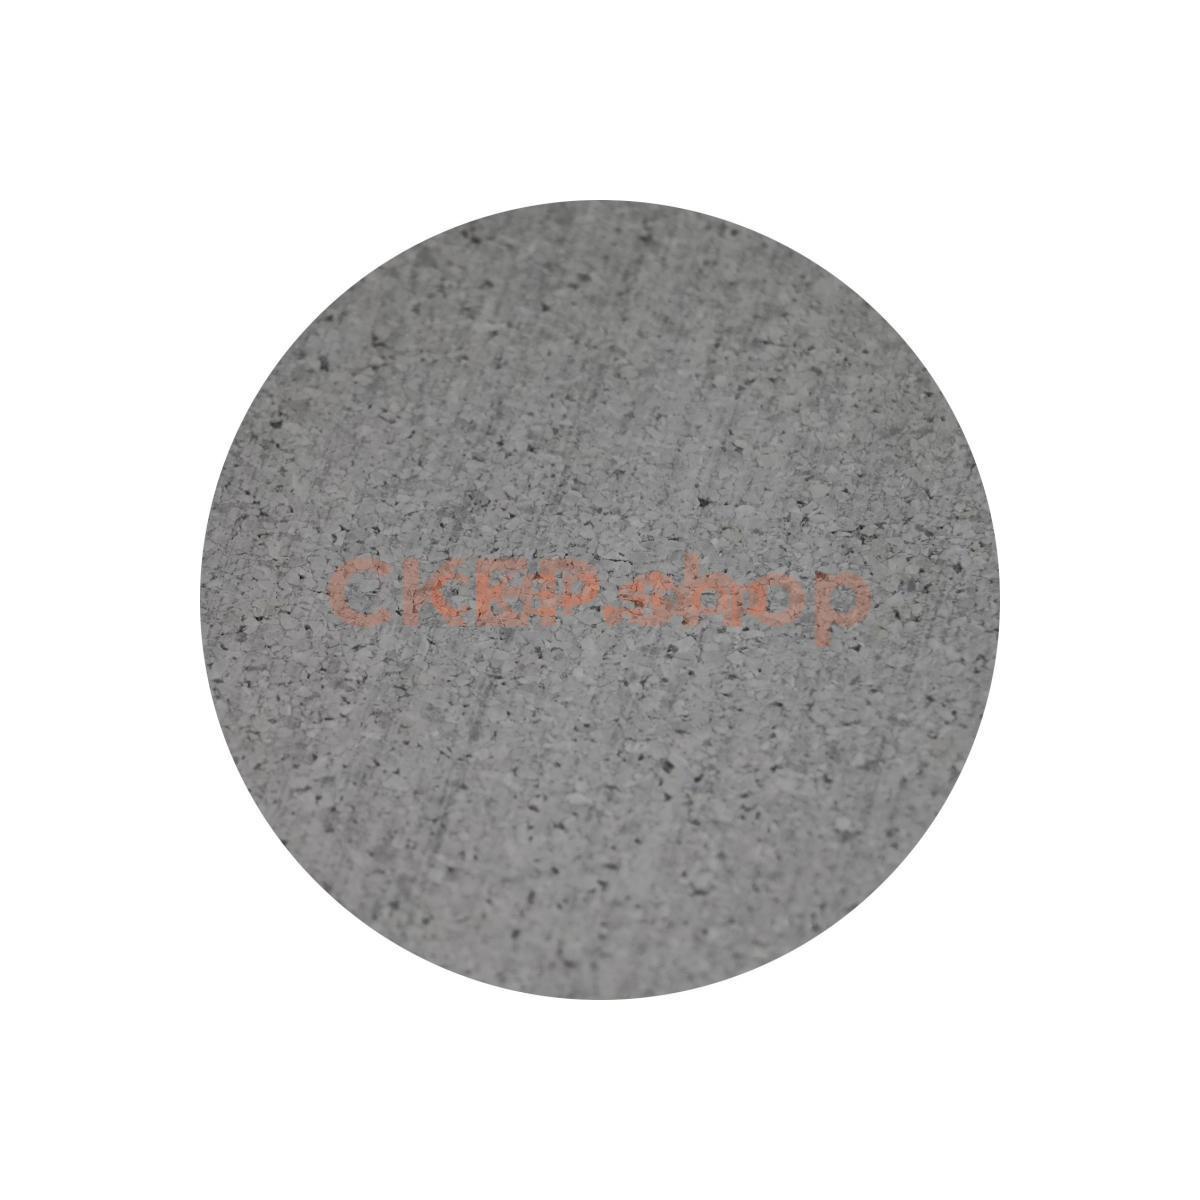 Покрытие резиновое рулонное EPDM 100%, 4 мм, серый